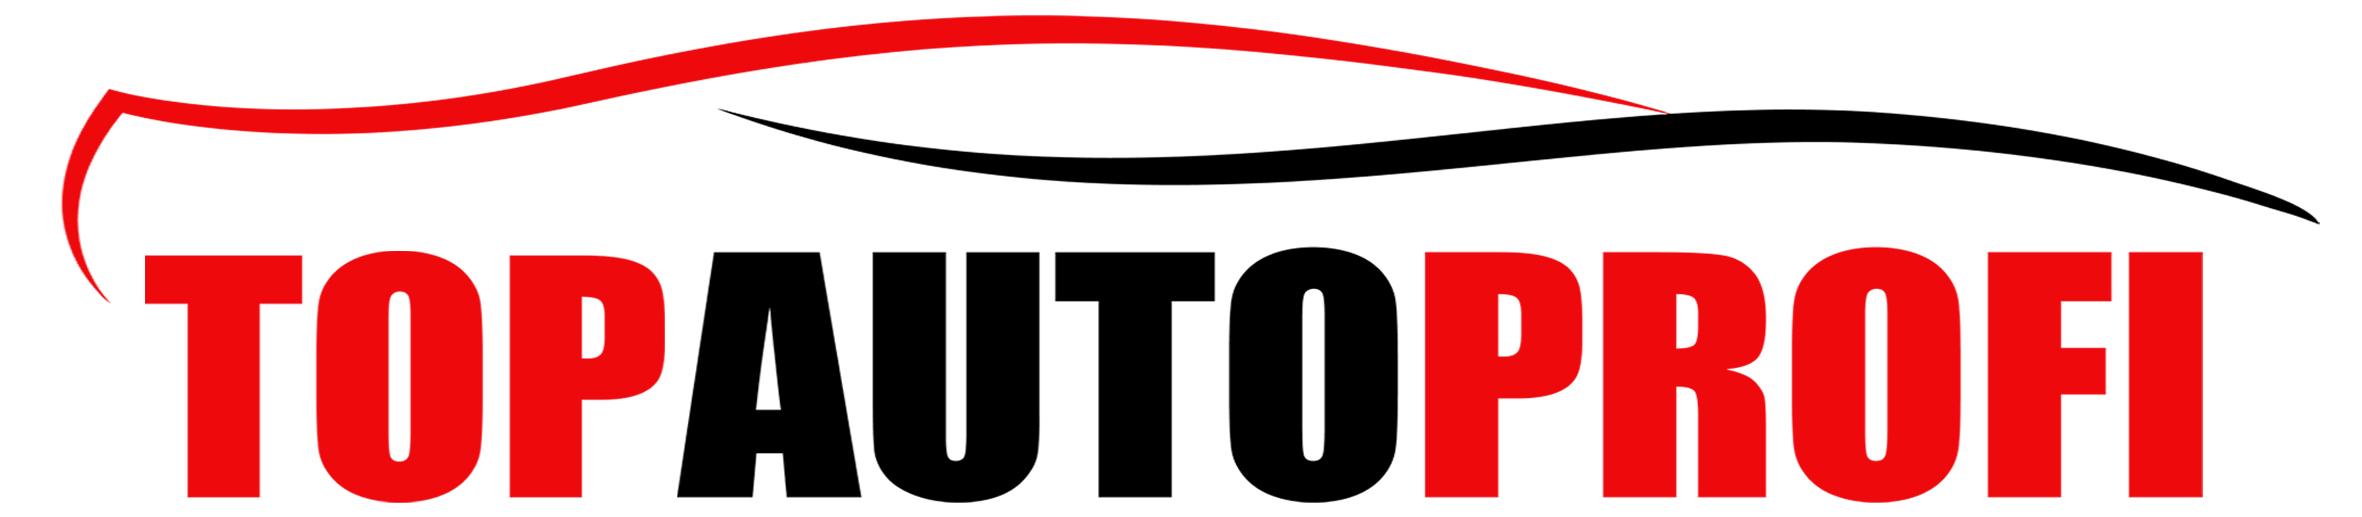 Top-Autoprofi-Logo